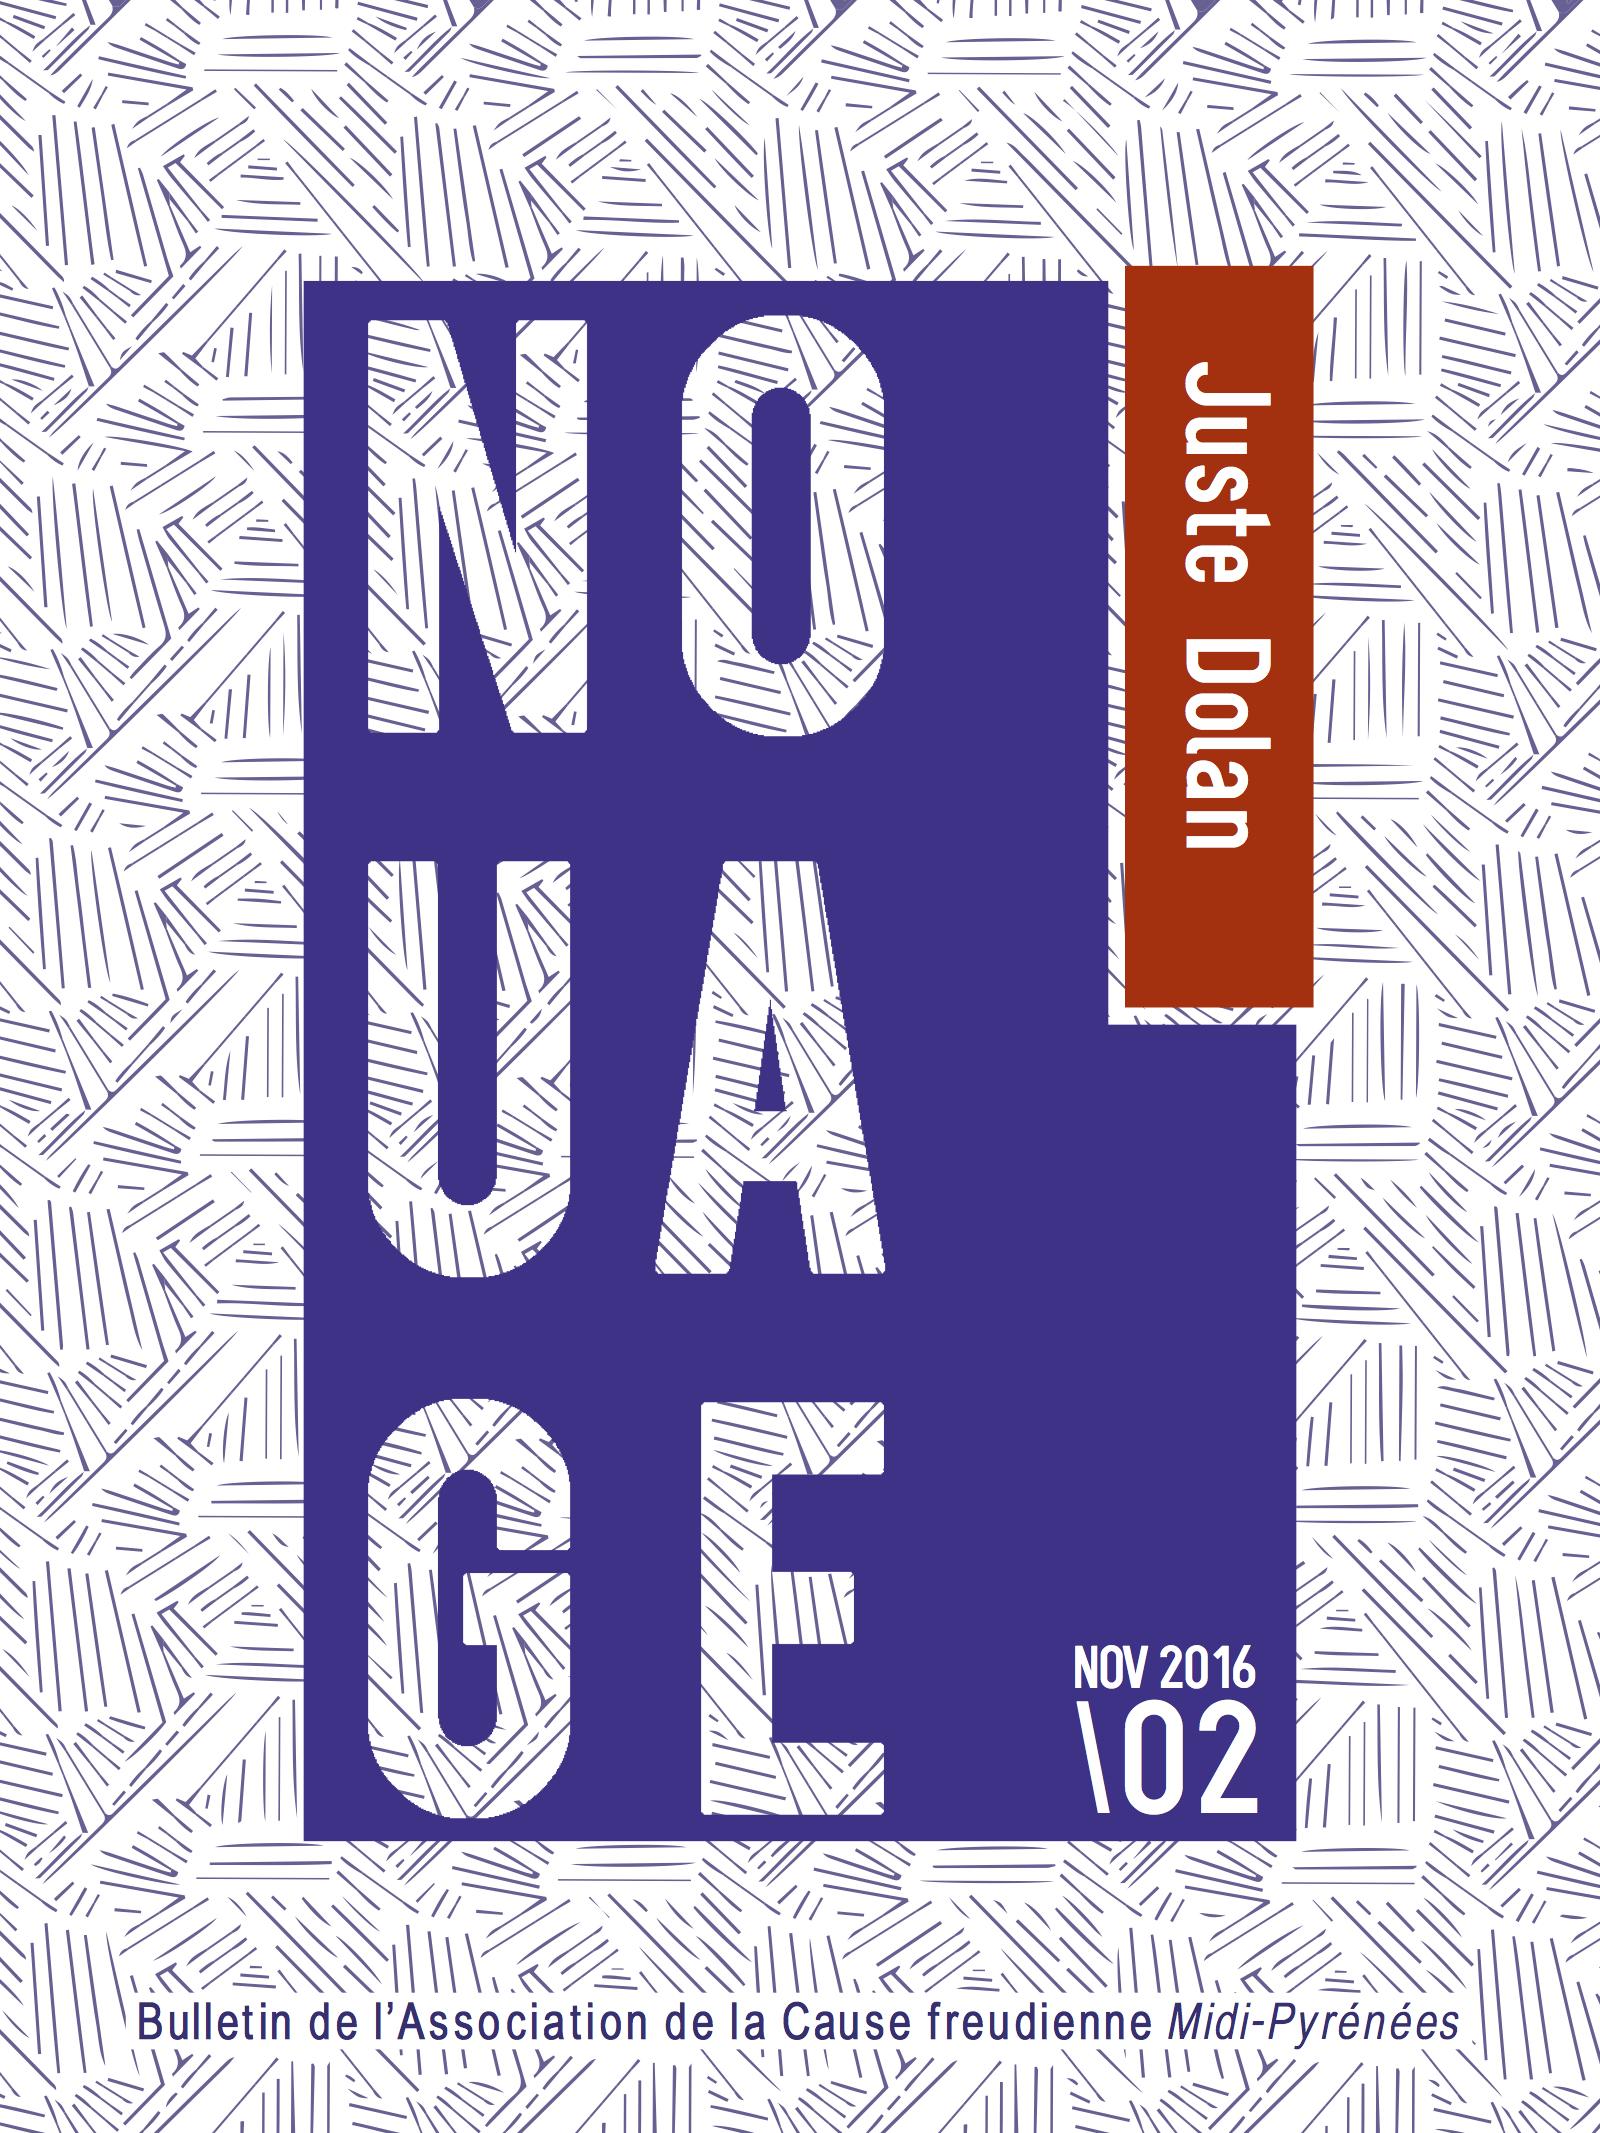 couv-nouage02-nov-16-dolan